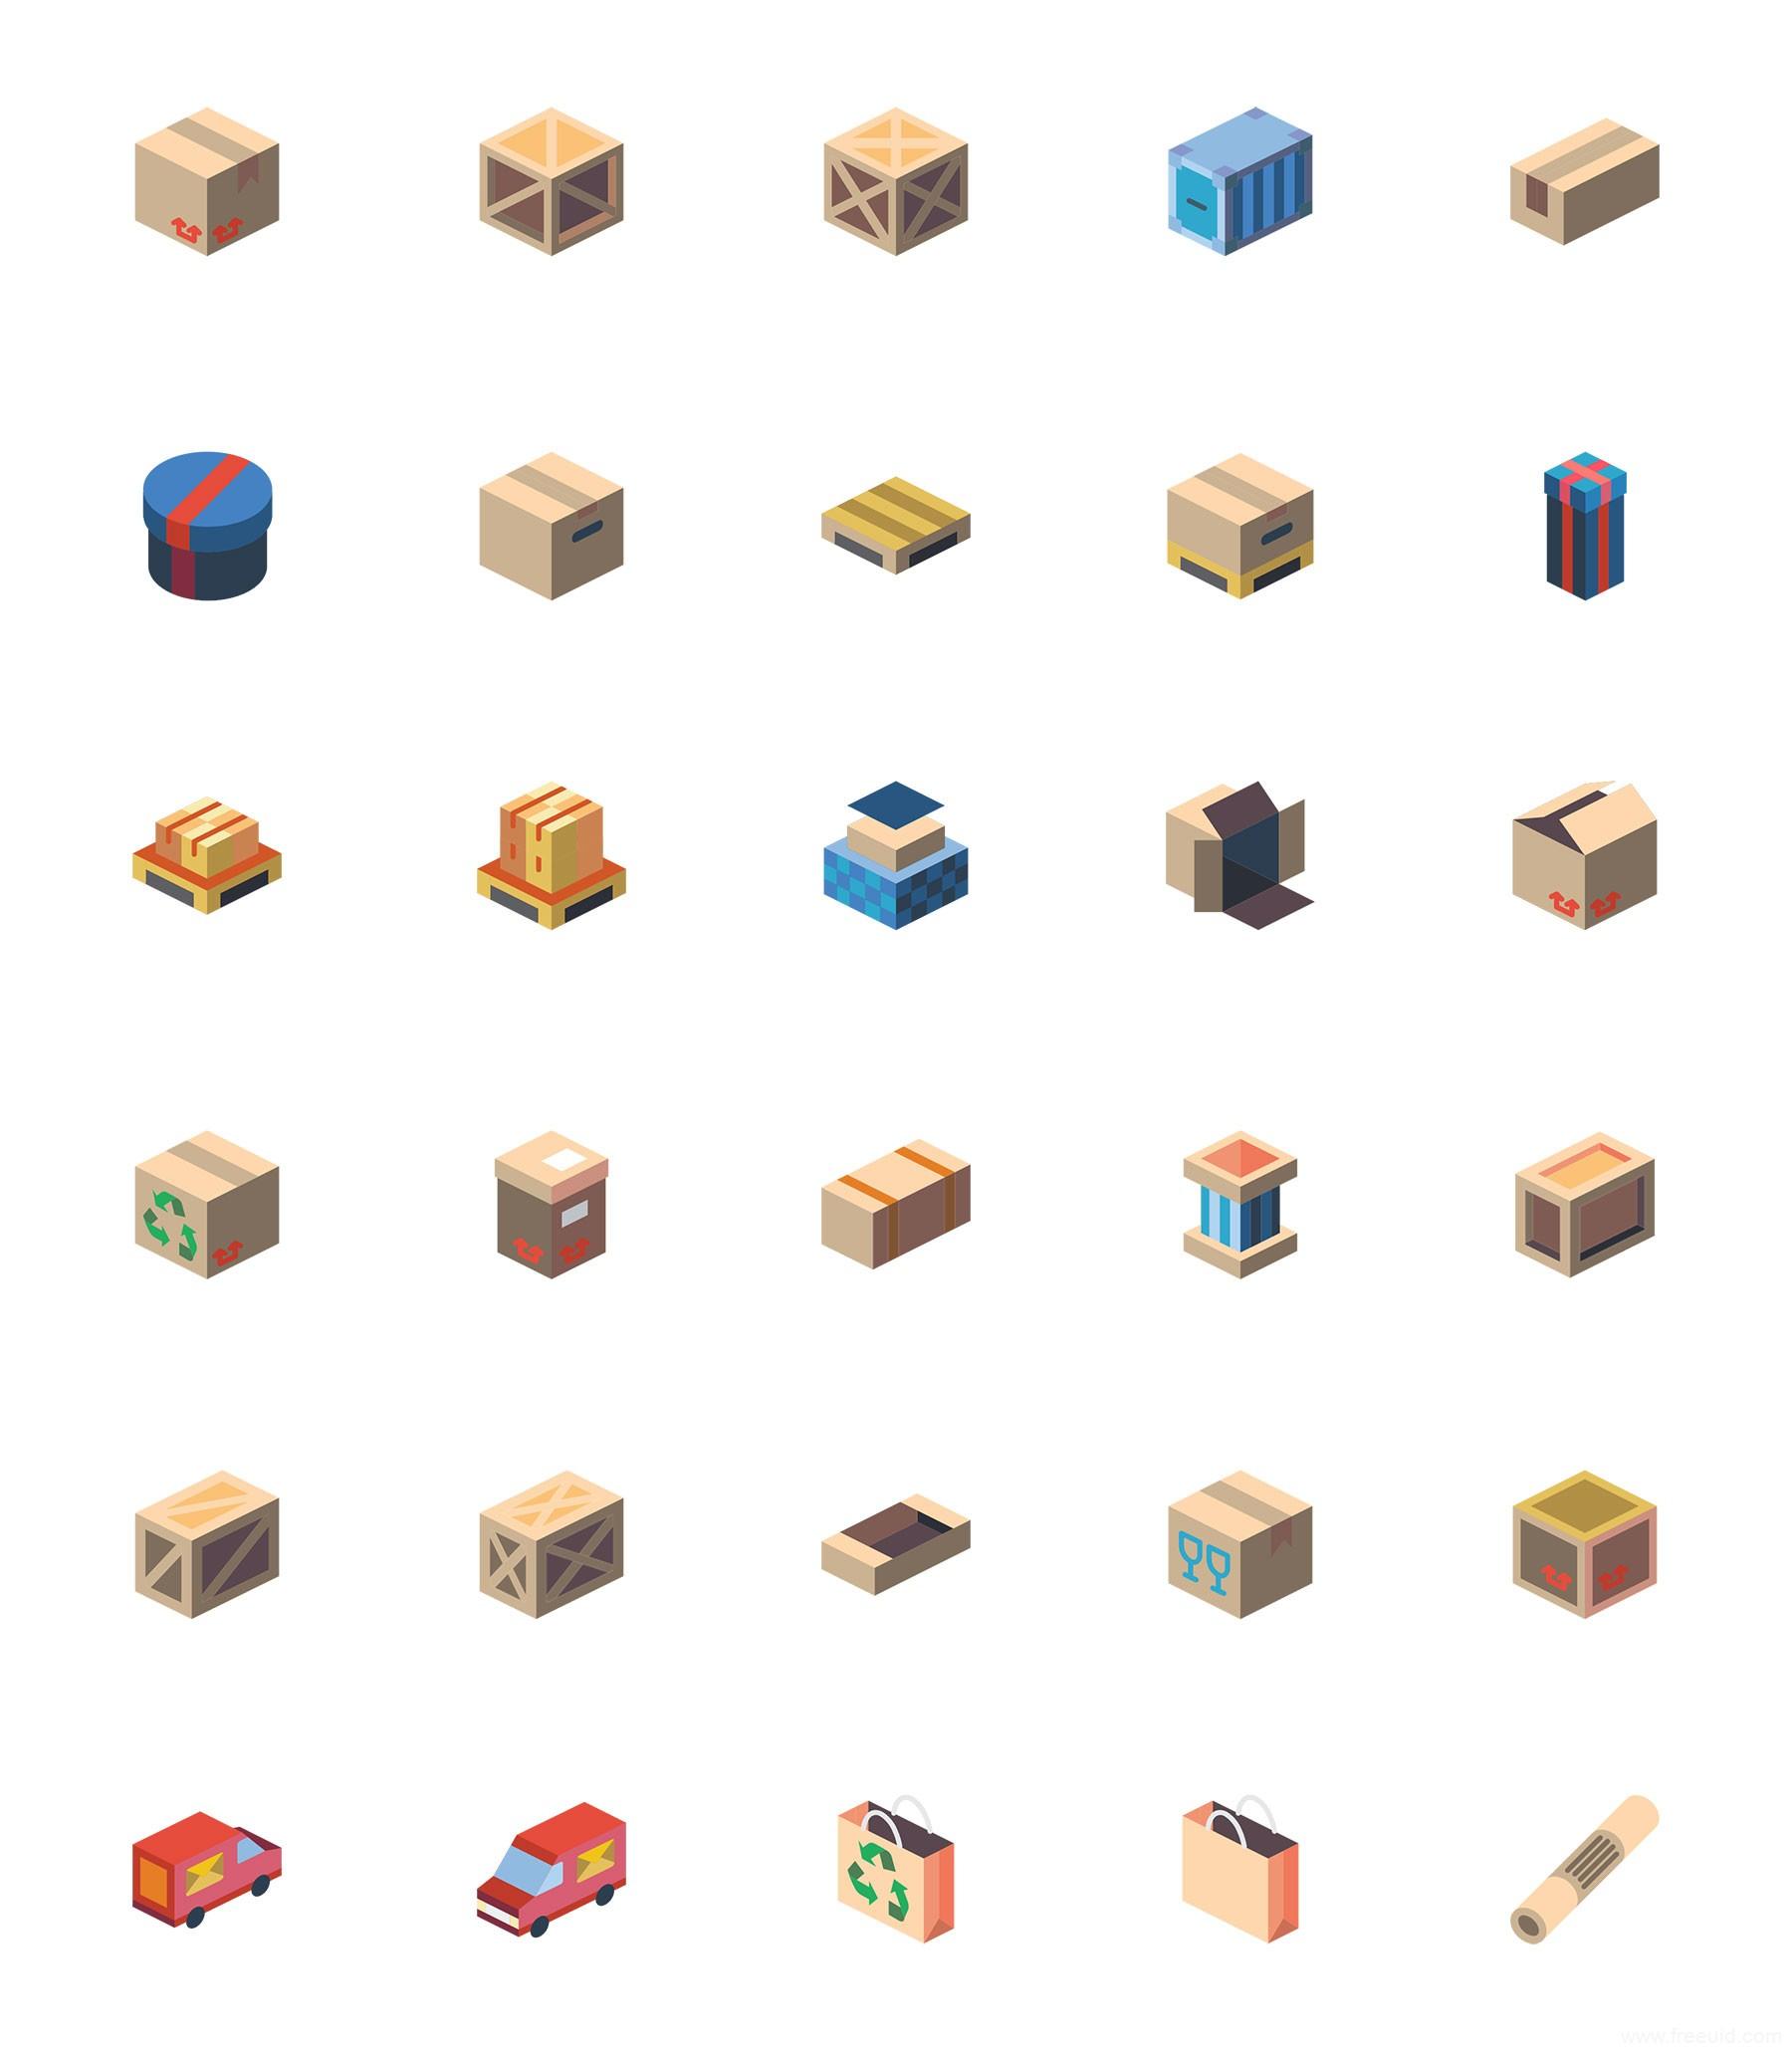 30 枚打包和运输轴测图标,彩色2.5D图标、sketch源文件下载